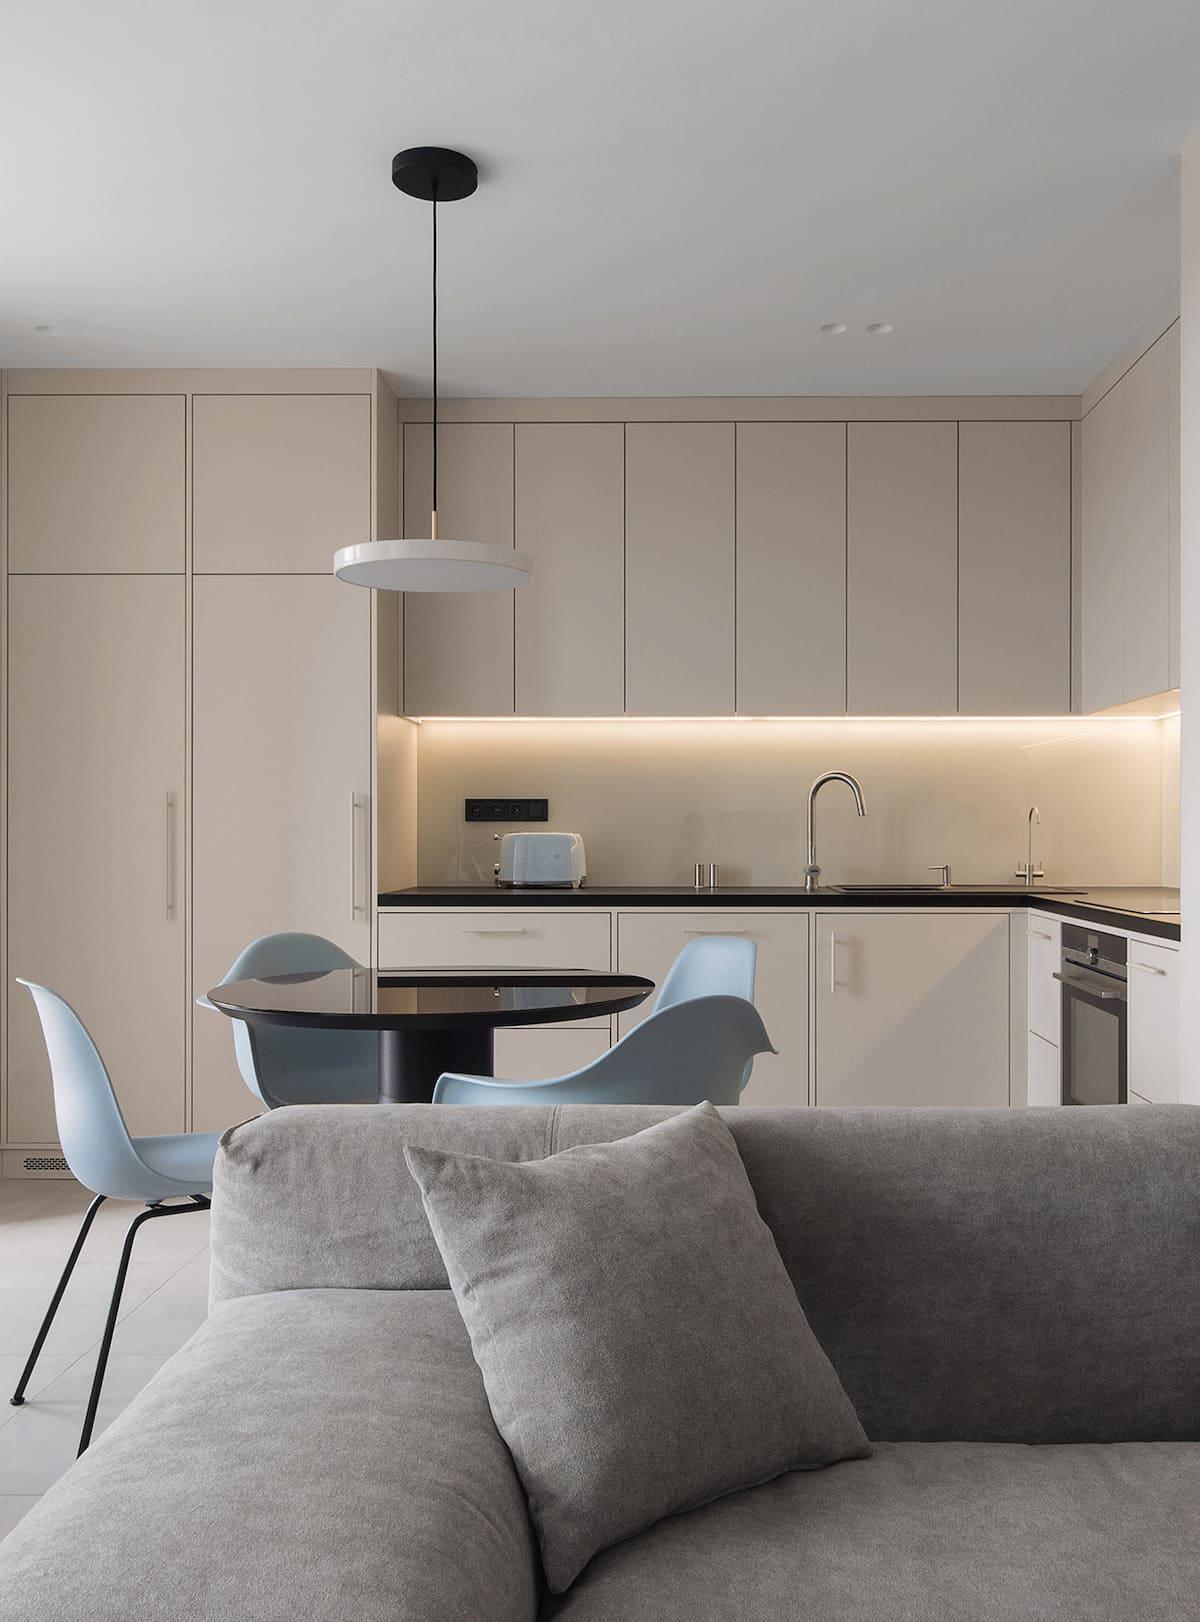 дизайн кухни в современном стиле фото 48